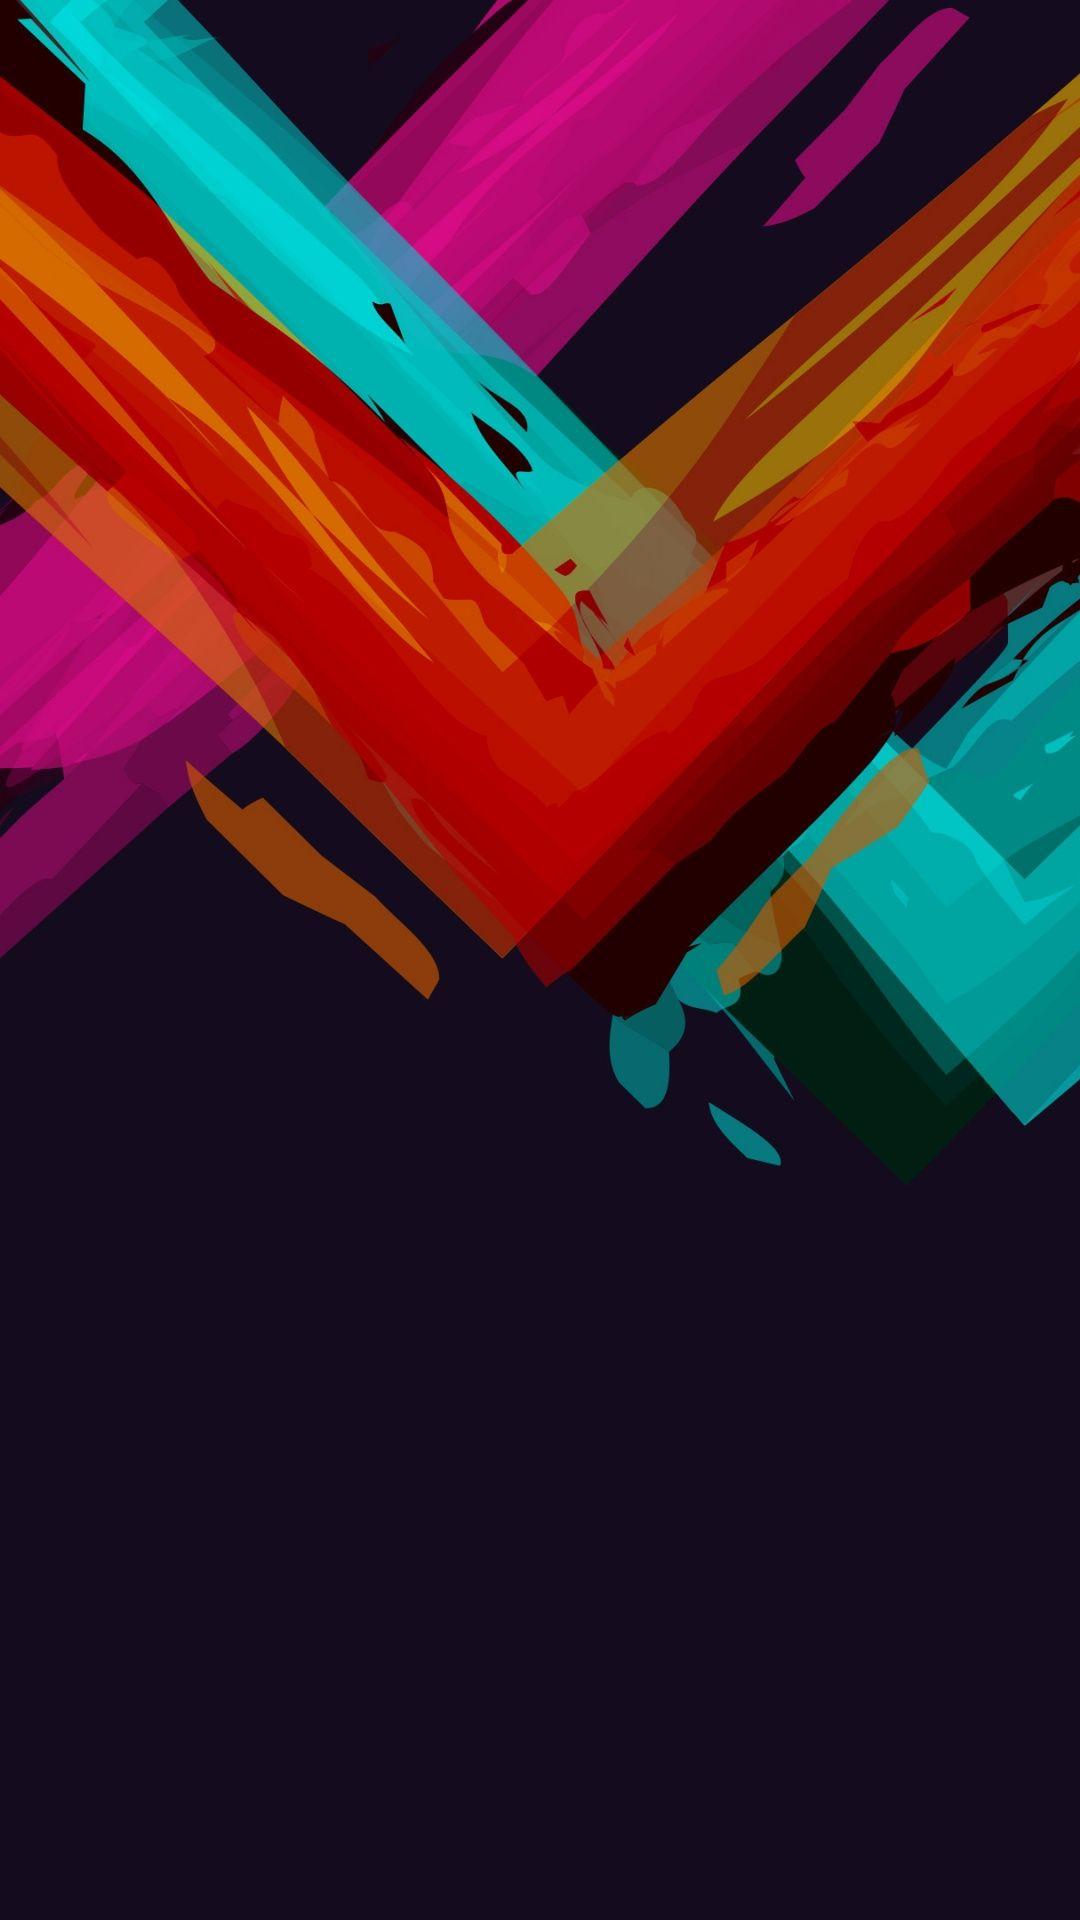 Abstract Crazy iOS 8 wallpaper